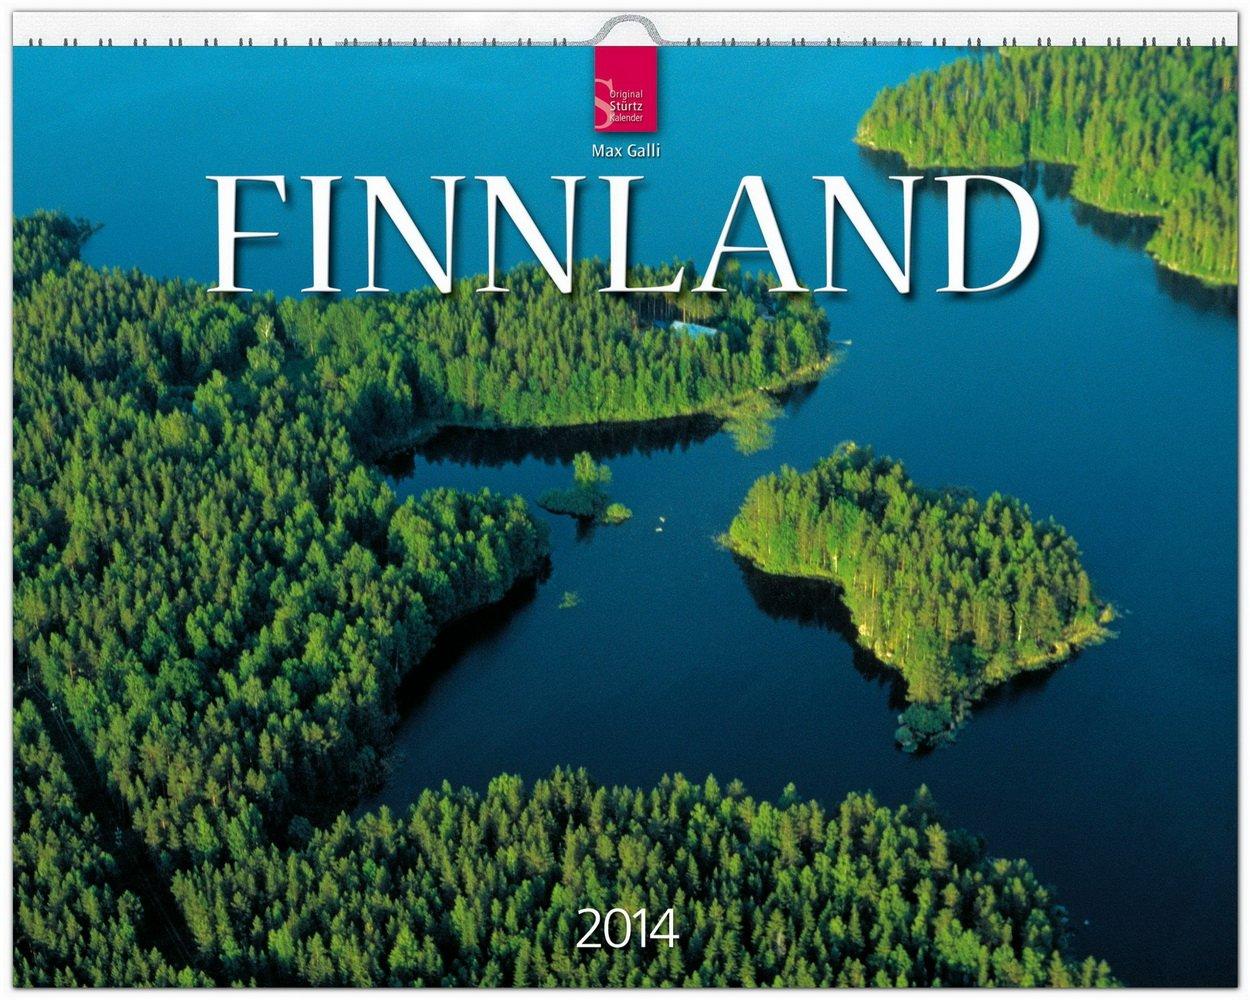 Finnland 2014: Original Stürtz-Kalender - Großformat-Kalender 60 x 48 cm [Spiralbindung]